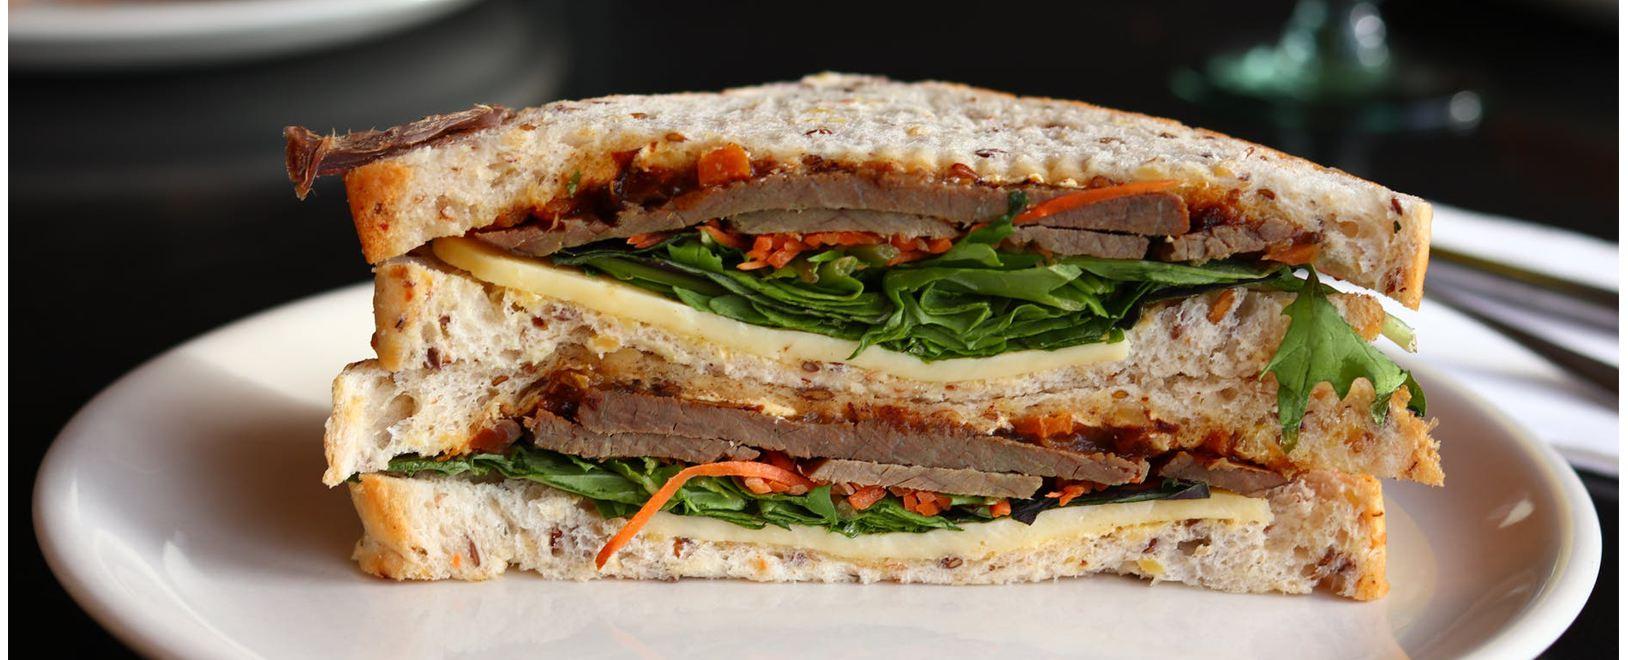 Image Sauce piquante pour sandwichs